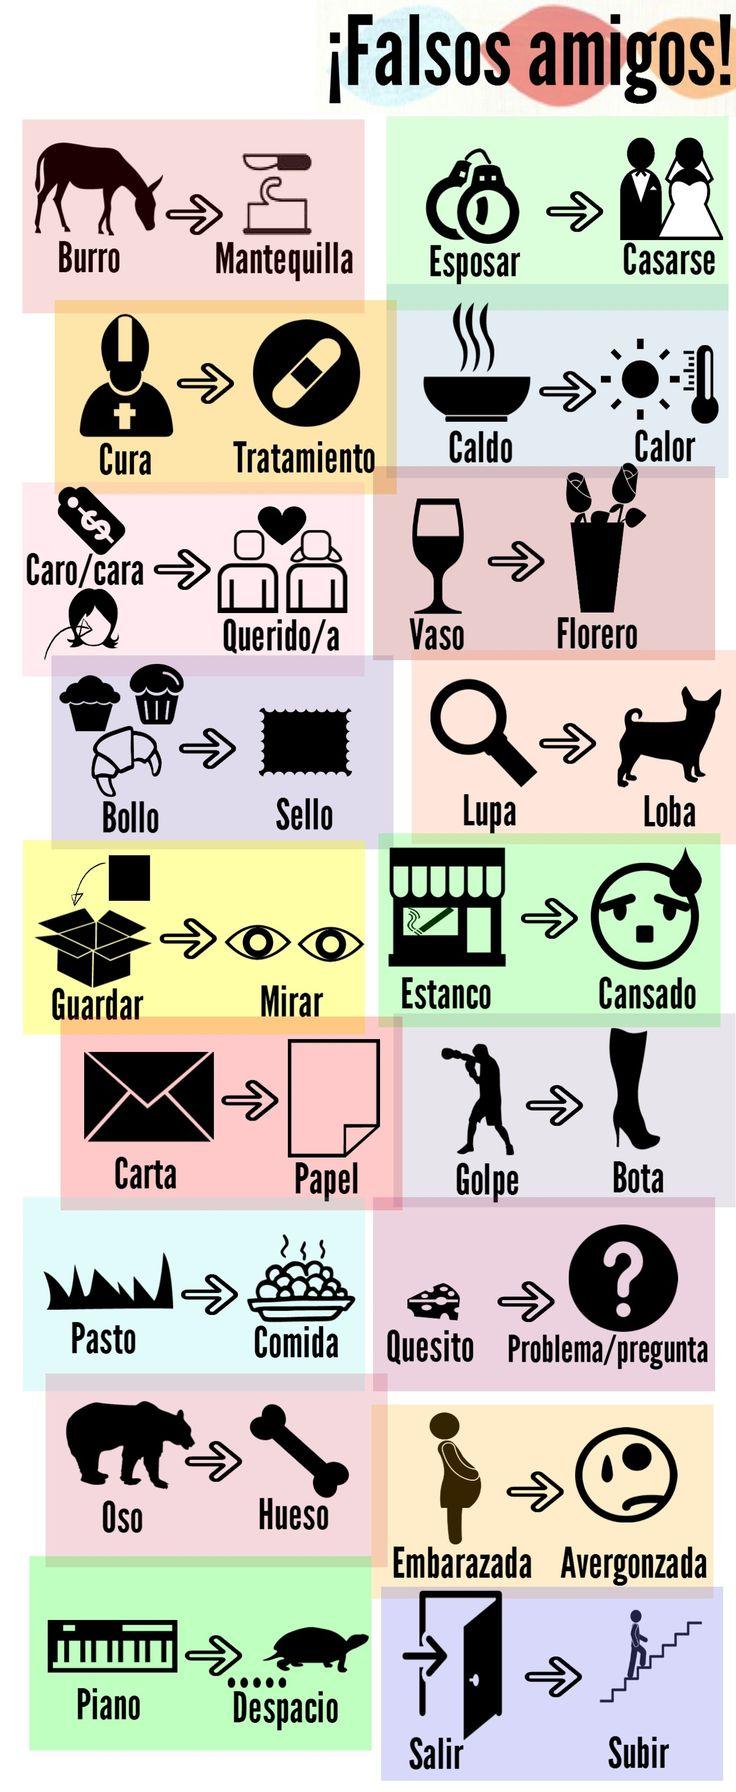 Infografía de Falsos Amigos para alumnos italianos de Español. Falsi Amici, False Friends italian-spanish.